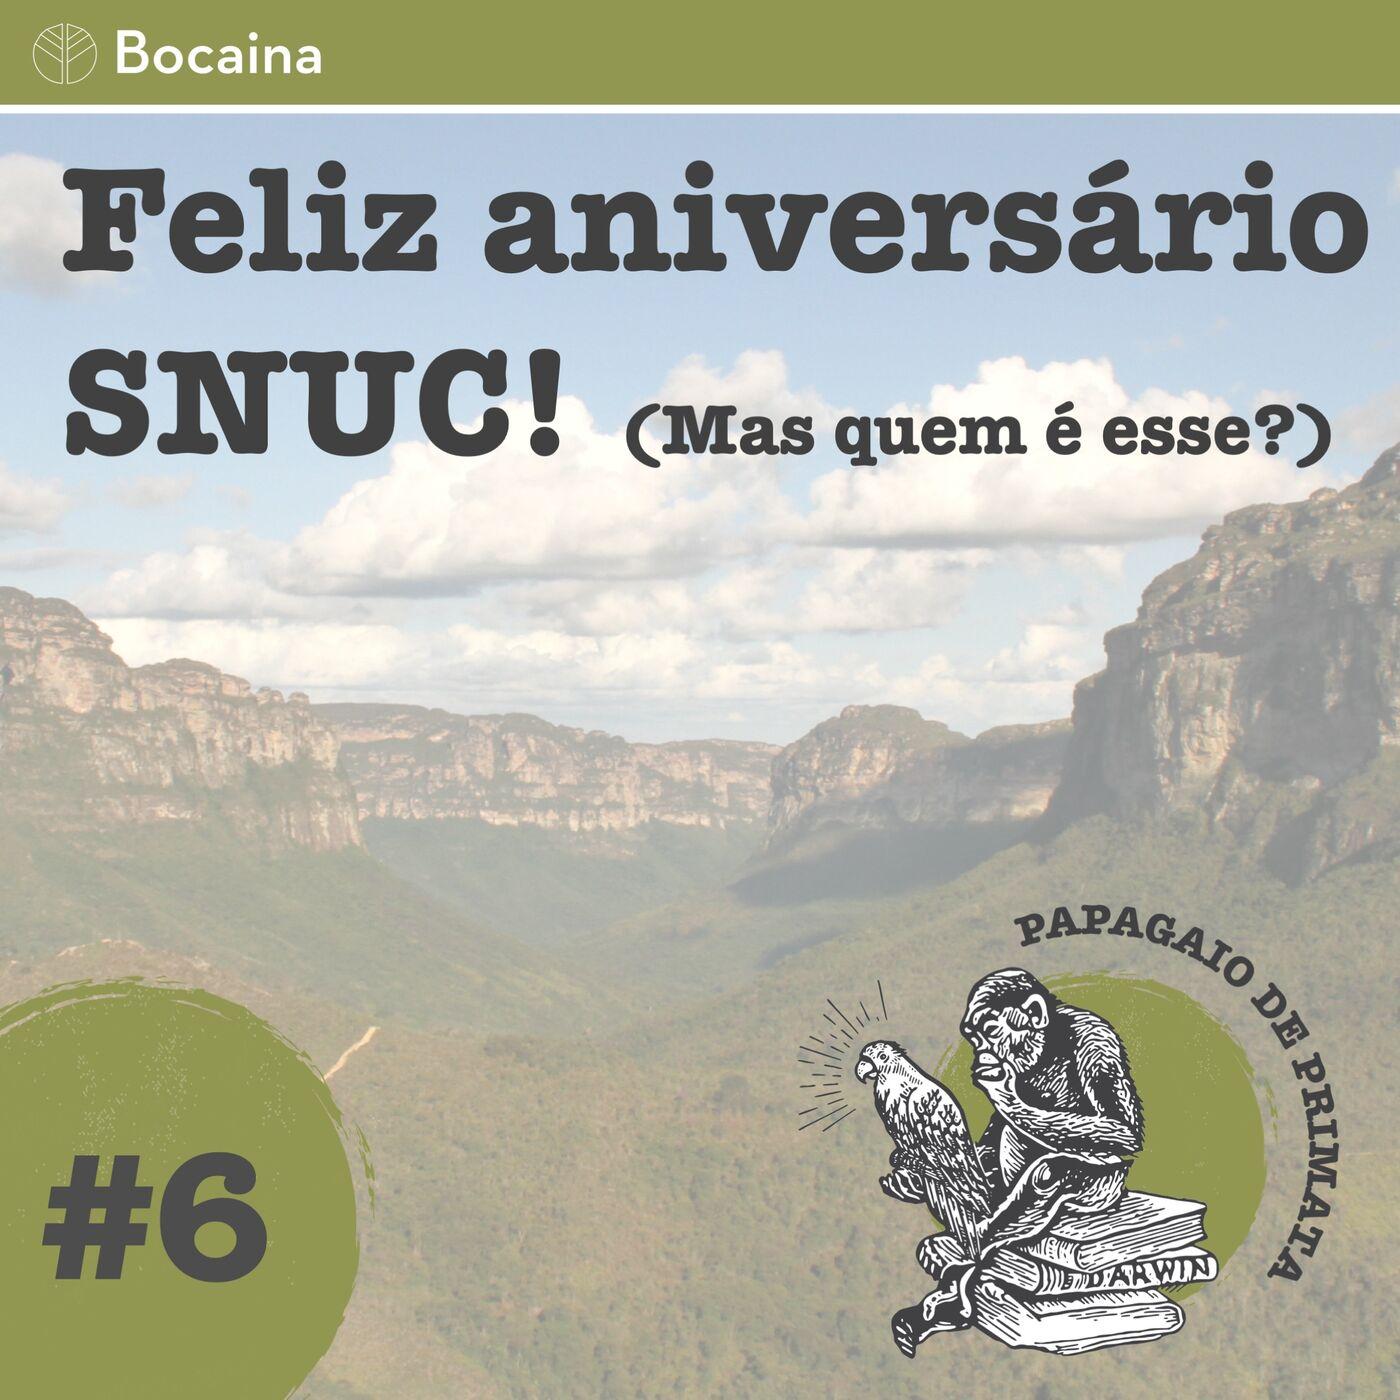 #6 - Feliz aniversário SNUC! (Mas quem é esse mesmo?)